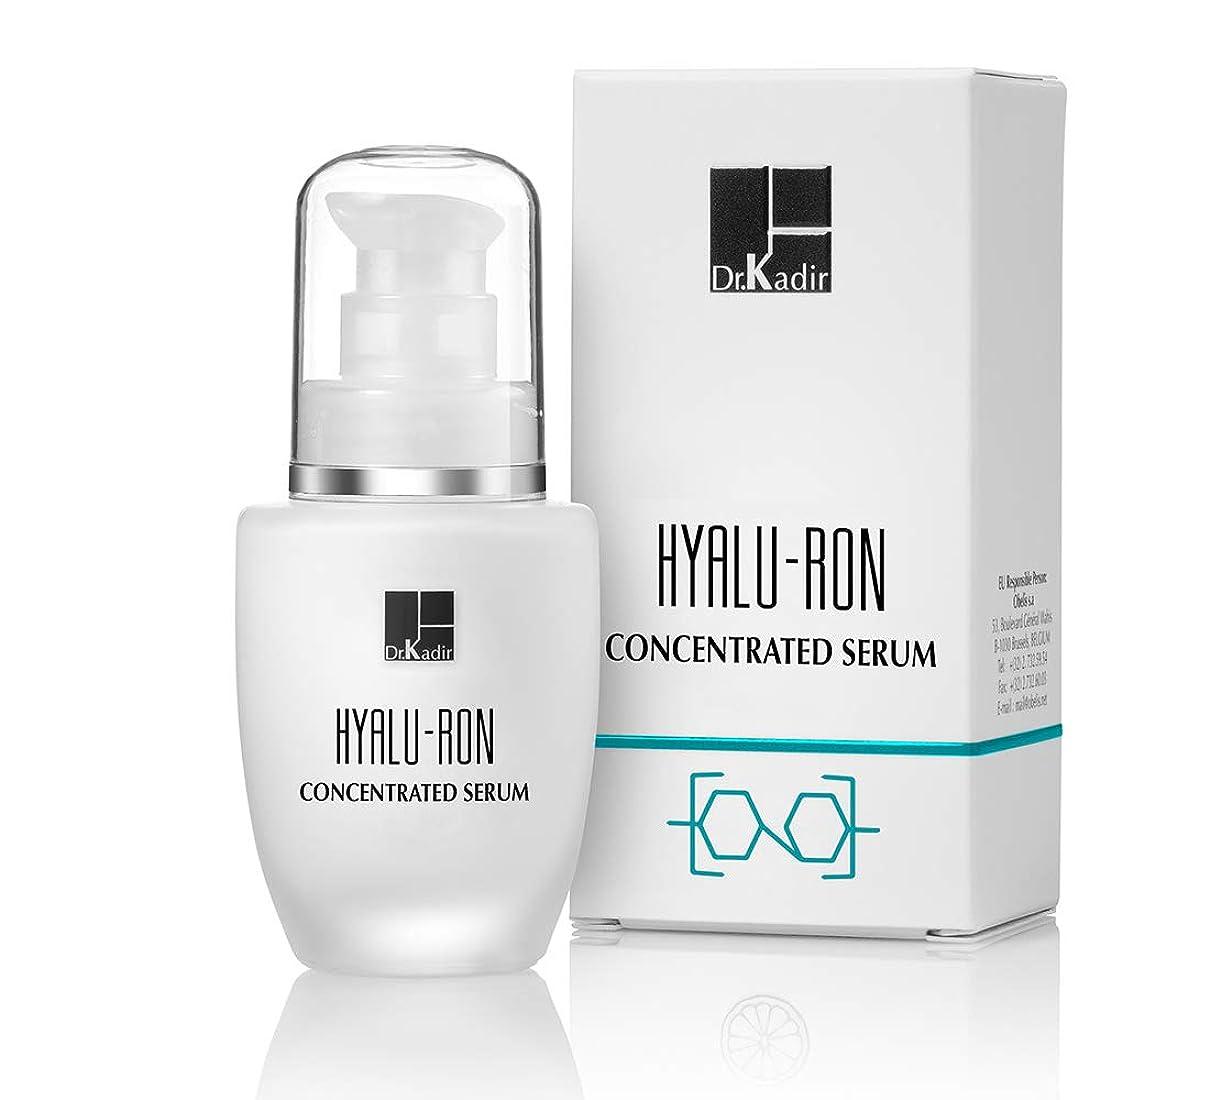 エゴイズム最愛の緑Dr. Kadir Hyalu-Ron Low Molecular Hyaluronic Concentrated Serum 30ml